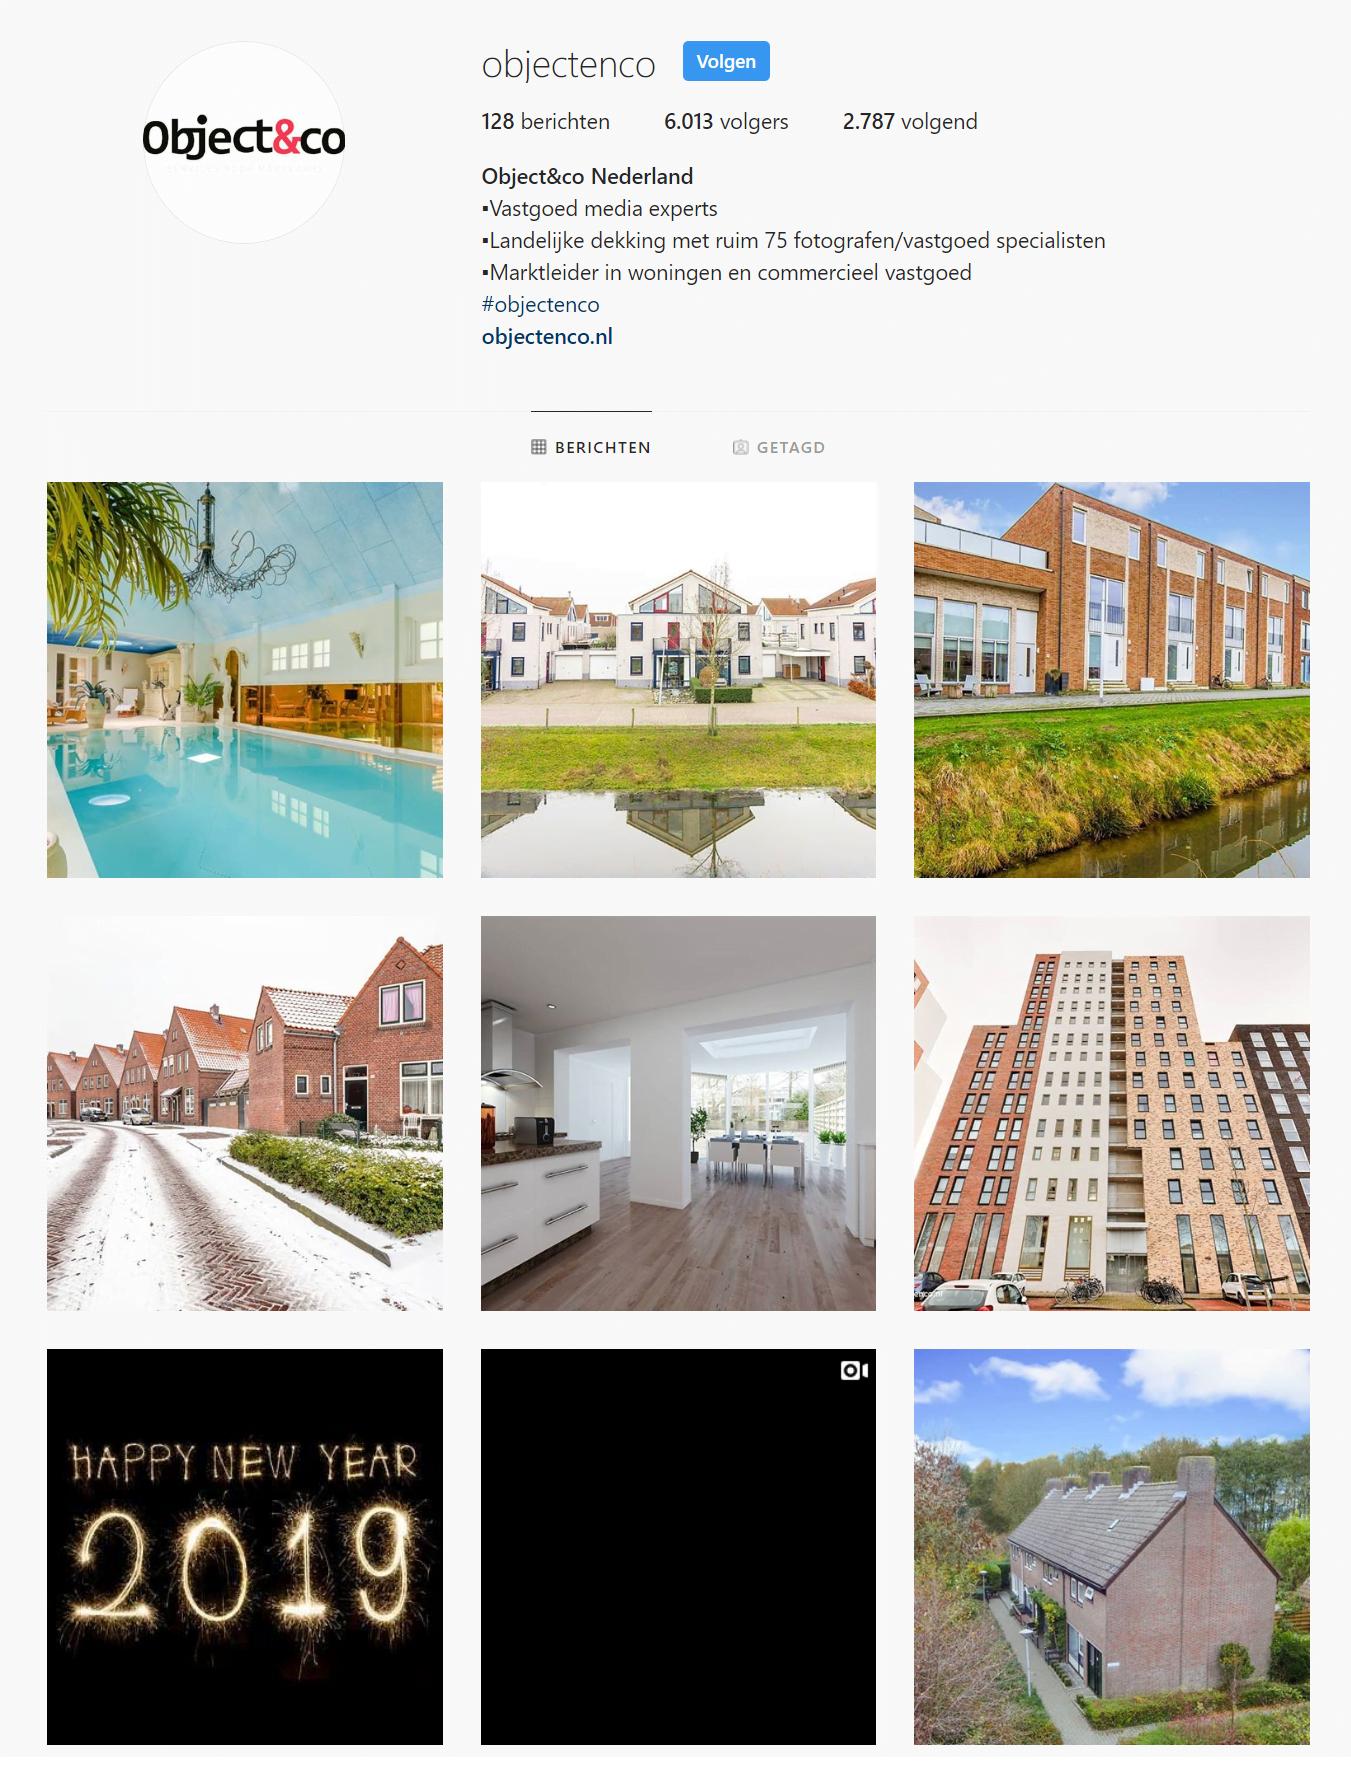 Instagram Object&co